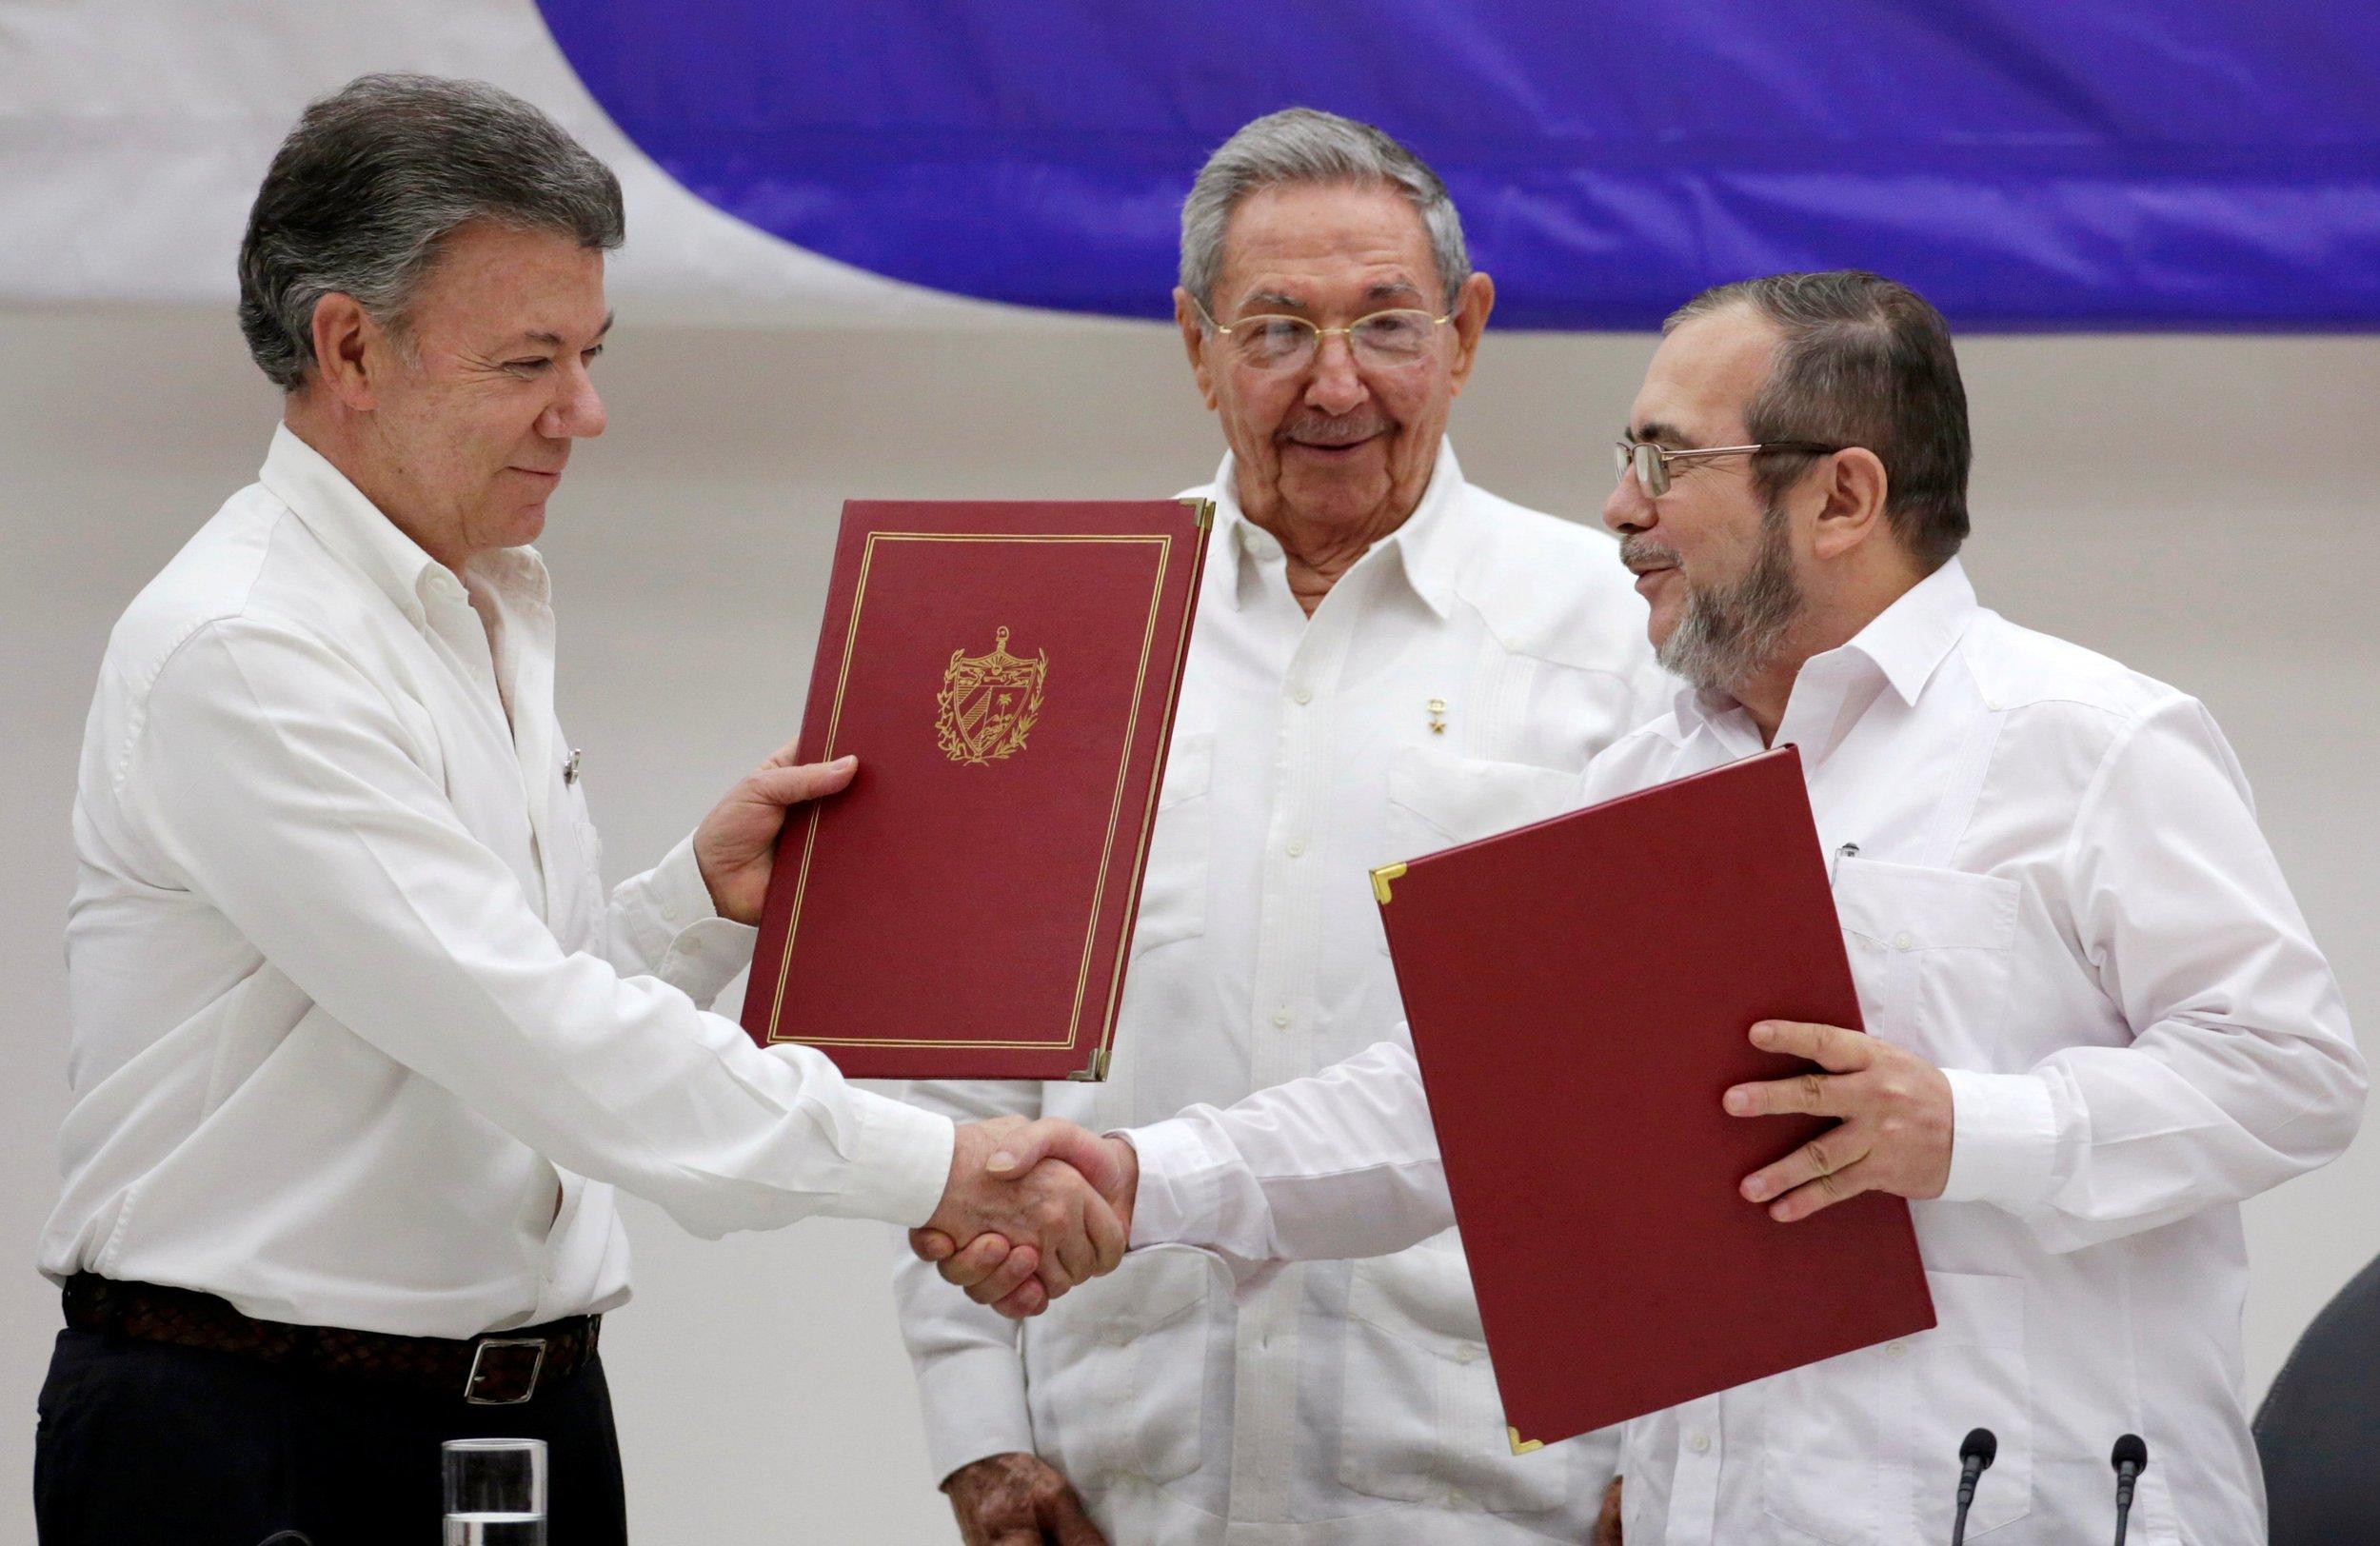 Photo by Enrique de la Osa/Reuters